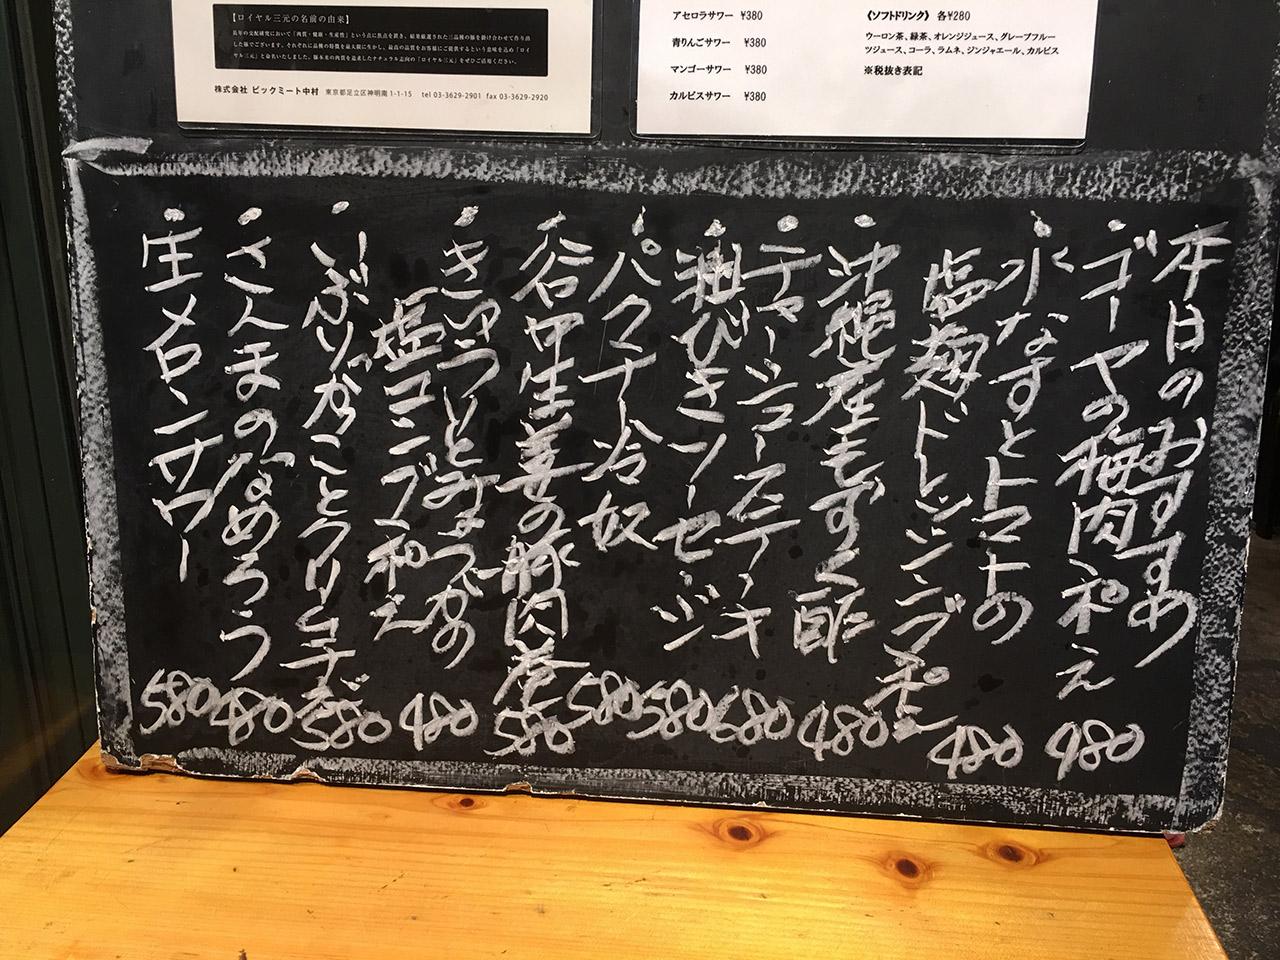 musashikoyama-fukuniku-outside-menu